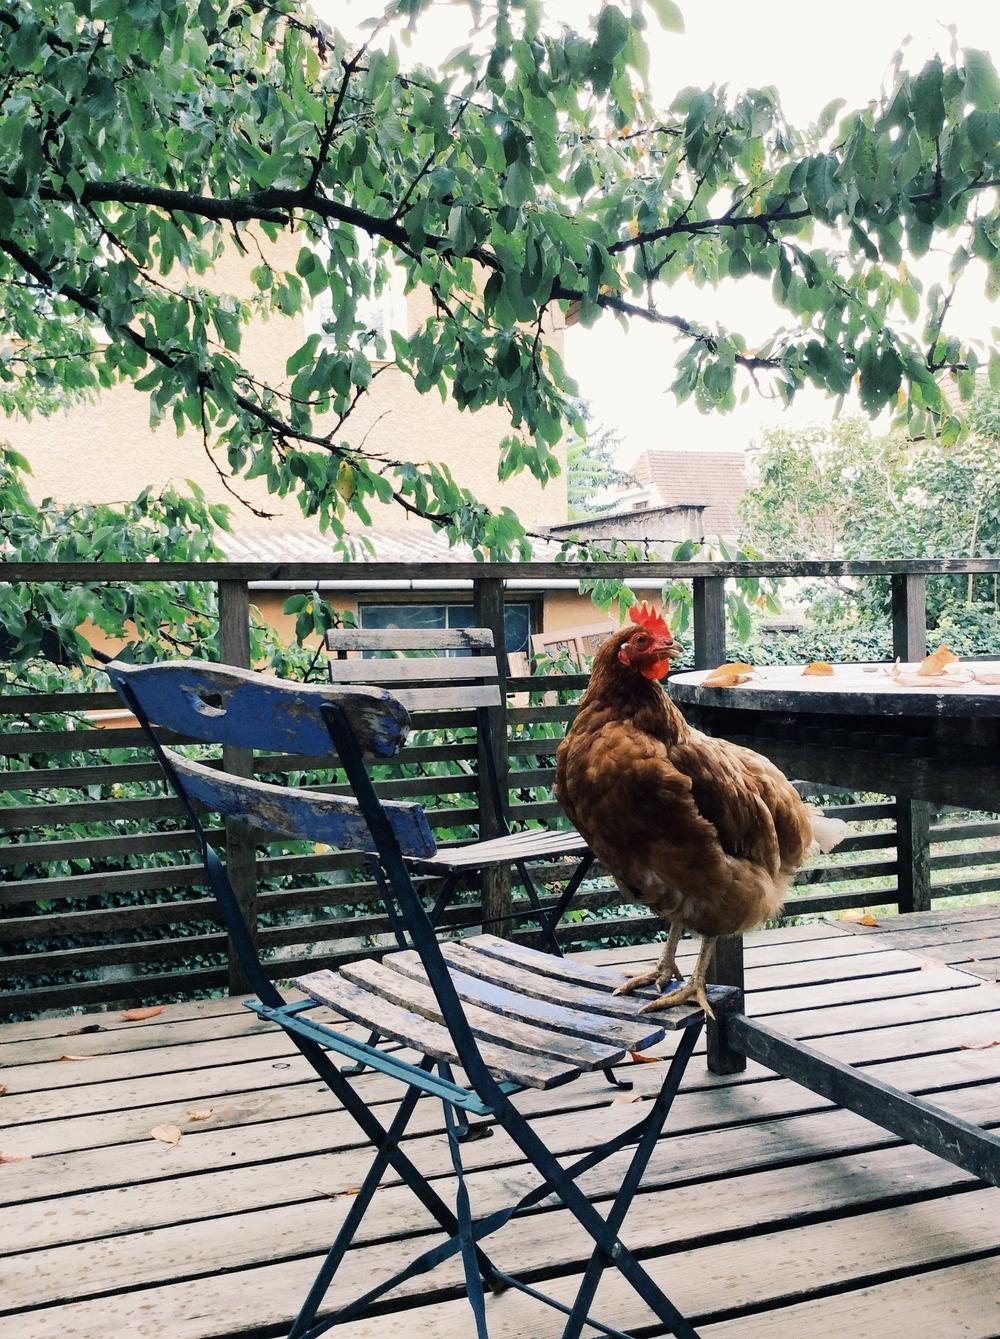 My hosts' chicken